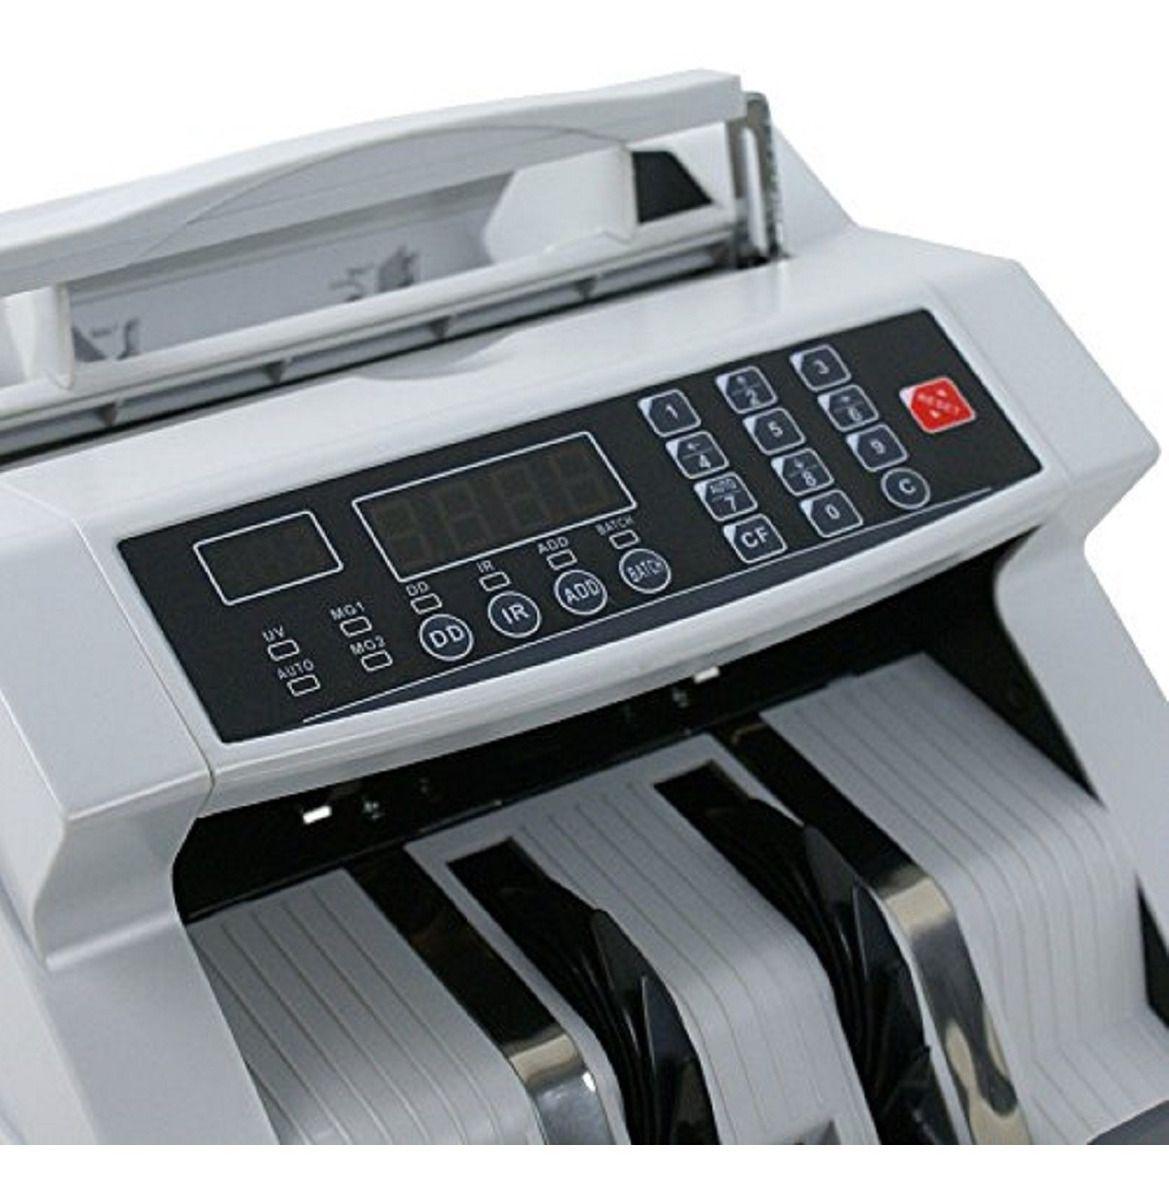 Maquina De Contar Dinheiro Cedulas Detecta Nota Falsa